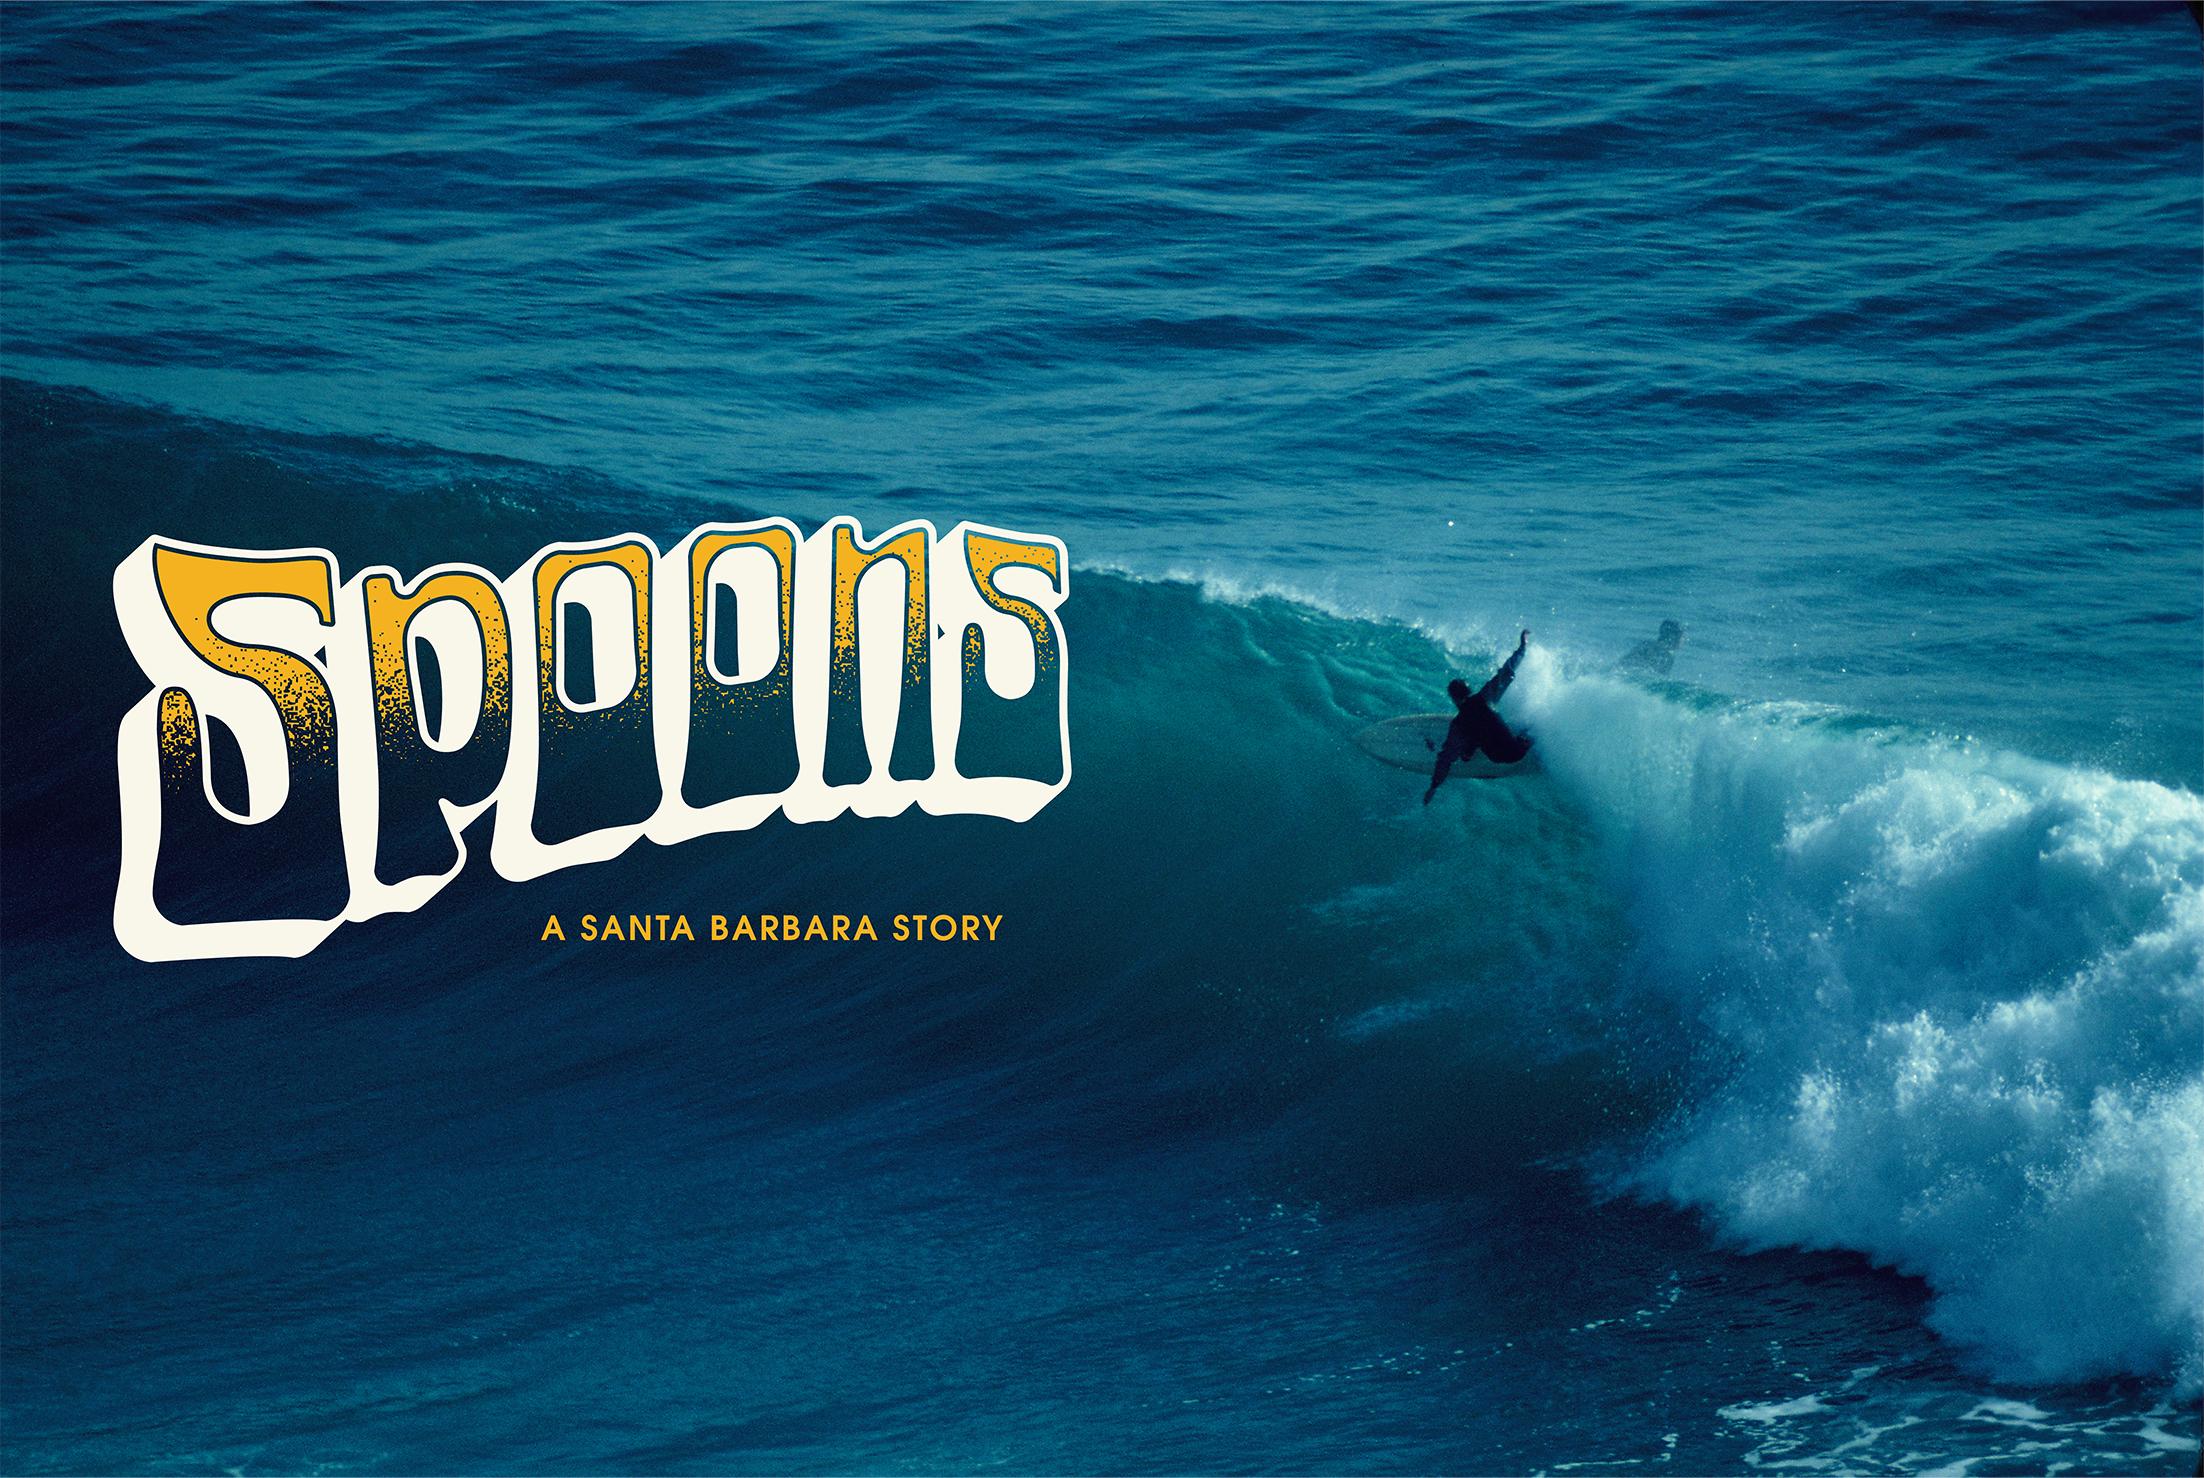 1_Spoons A Santa Barbara Story Spread.jpg